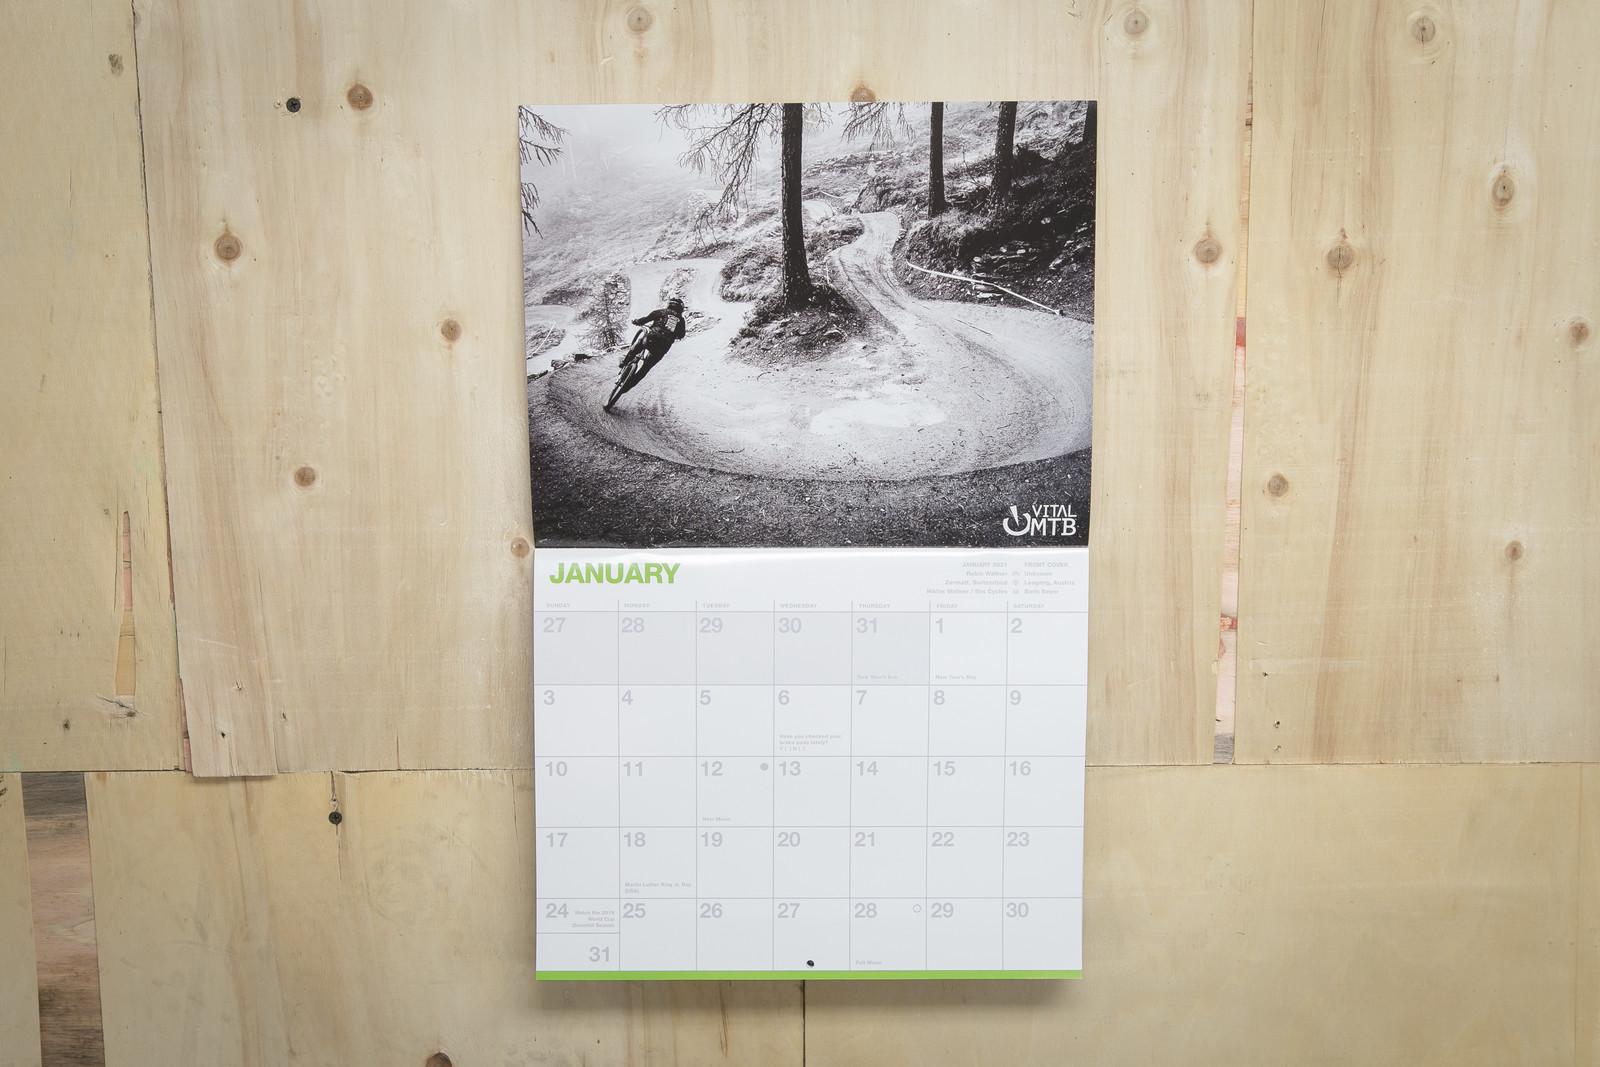 2021 Vital MTB Calendar